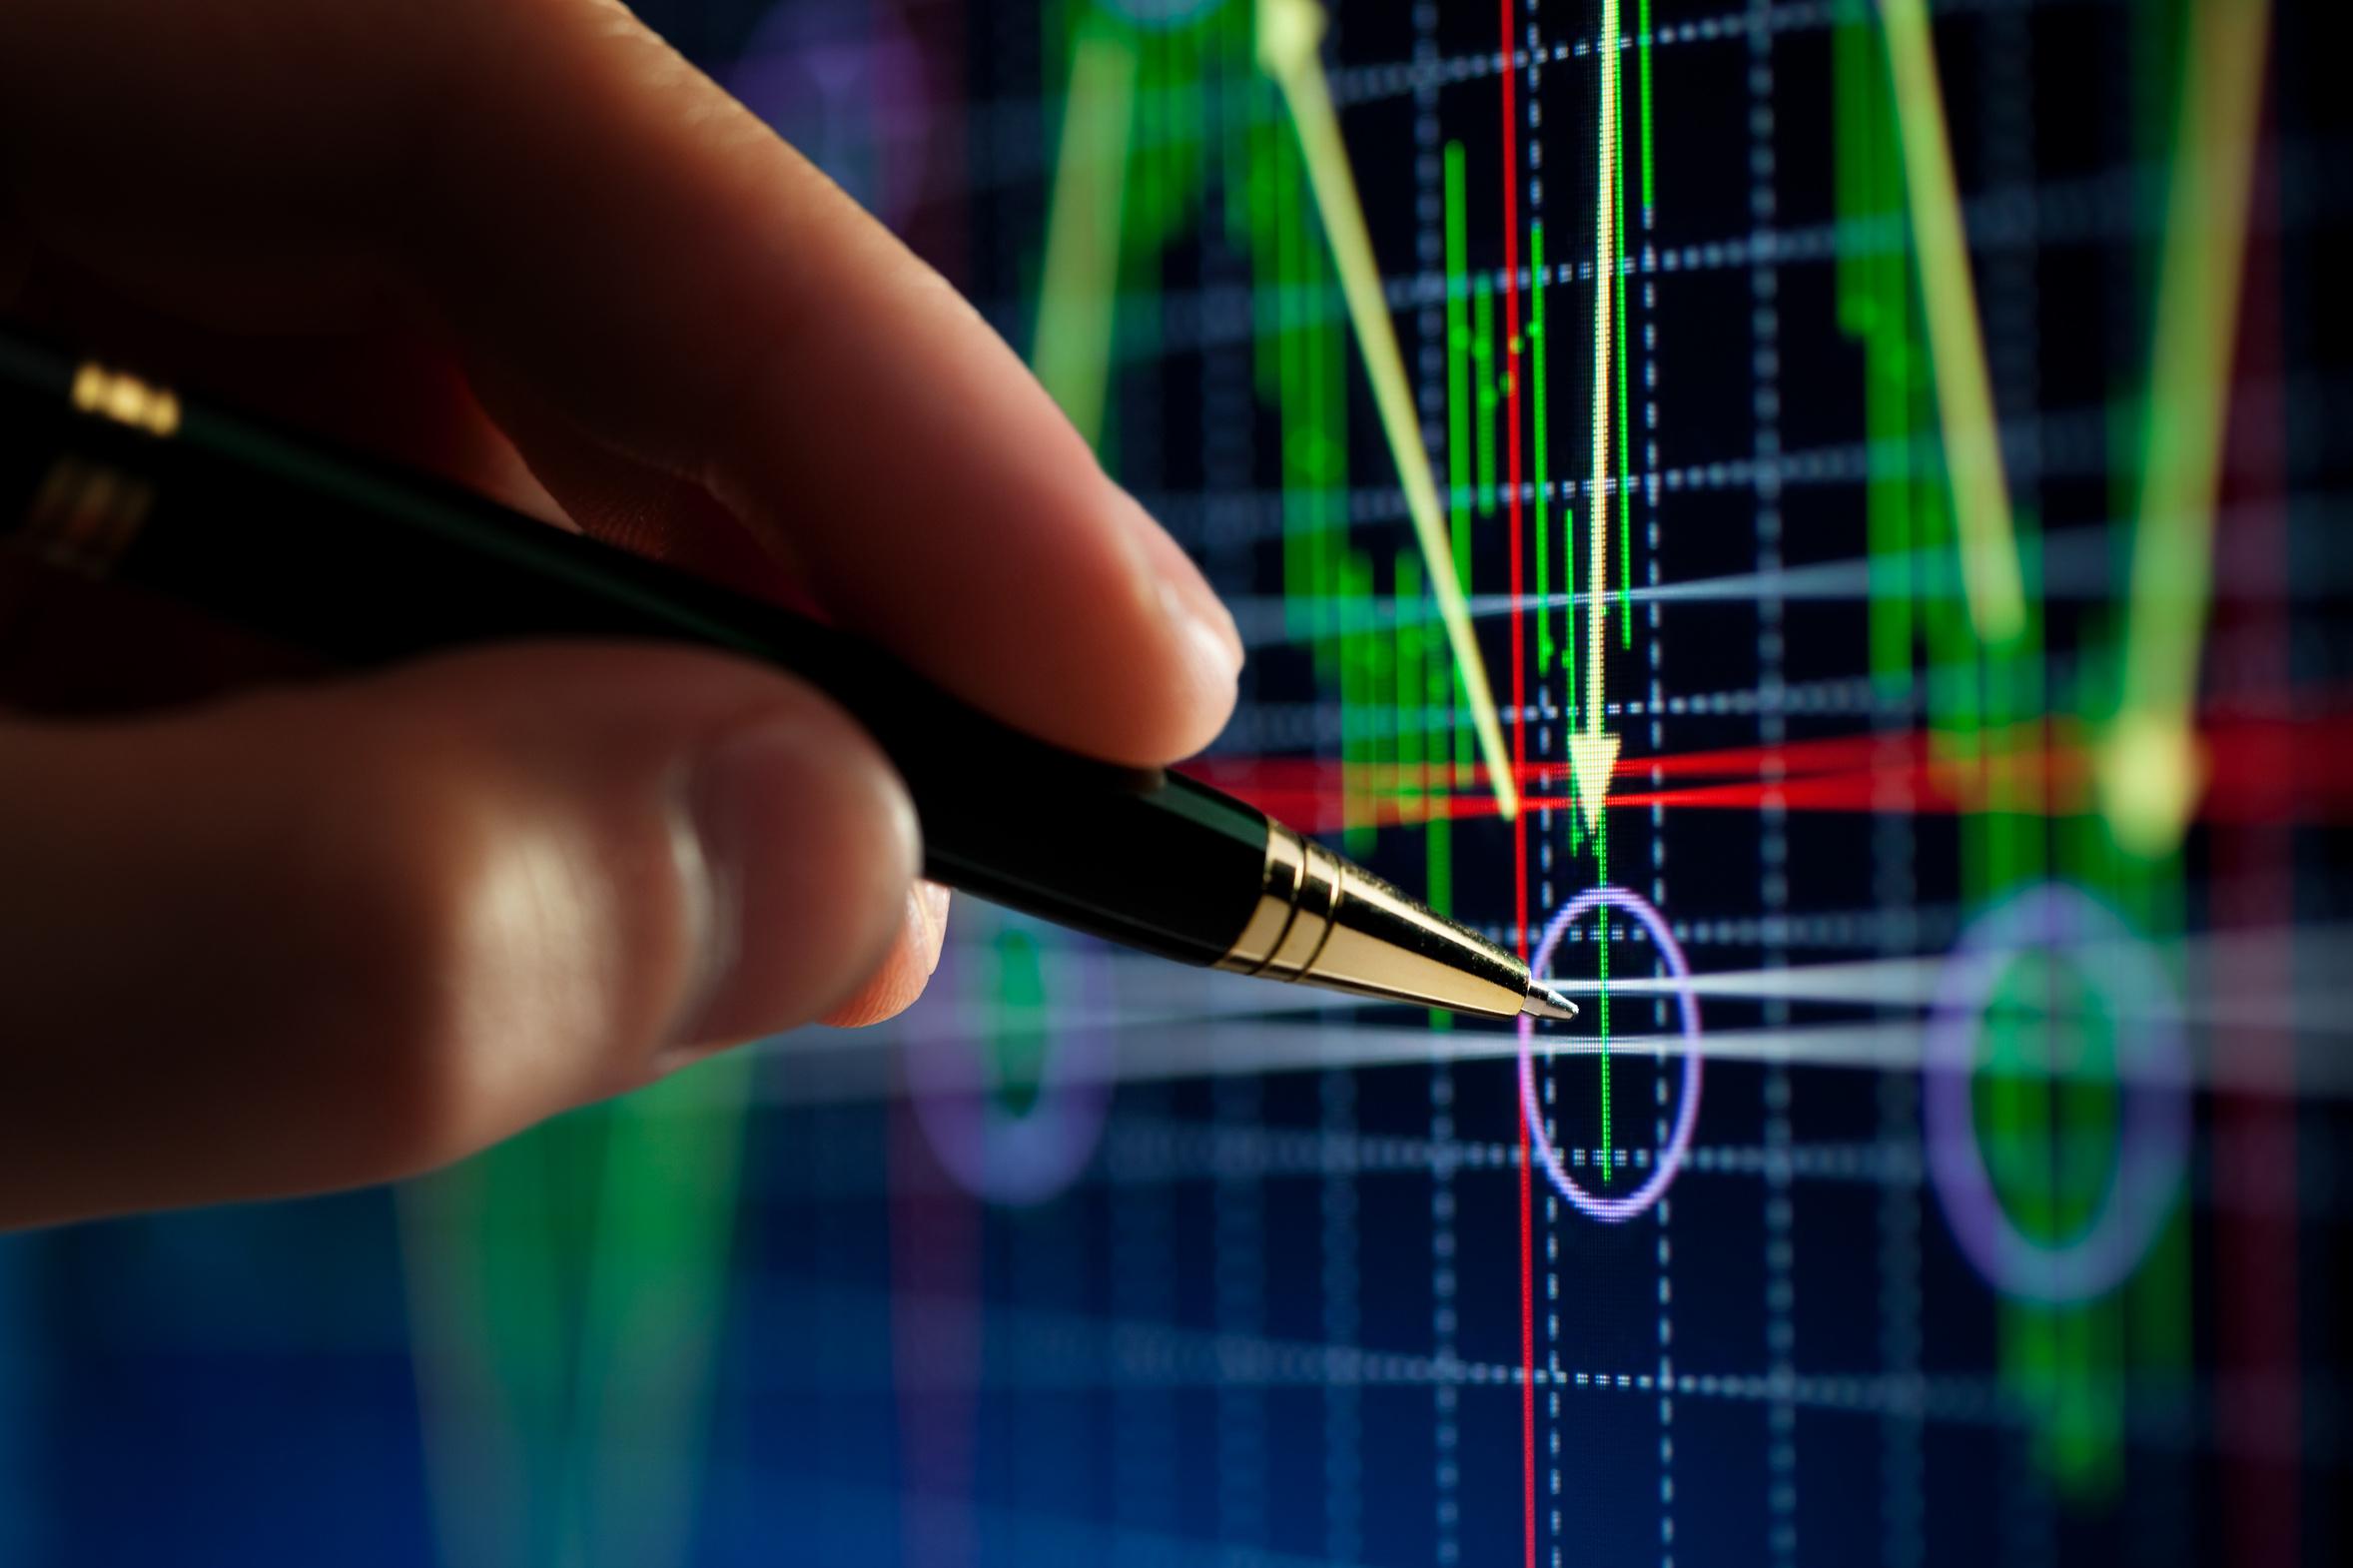 Afbeeldingsresultaat voor technical analysis